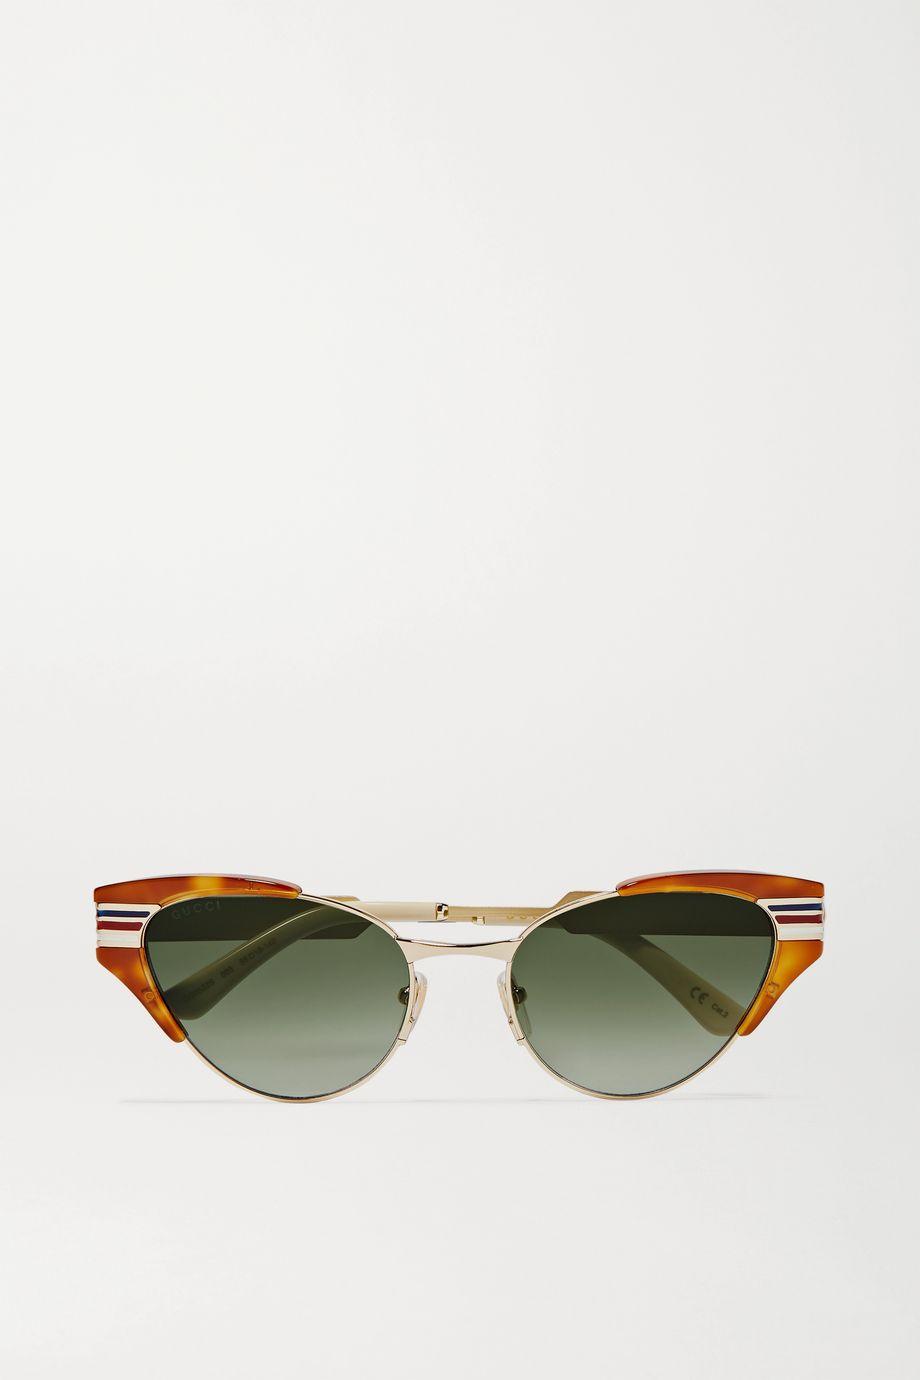 Gucci Lunettes de soleil œil-de-chat en acétate effet écaille et en métal doré